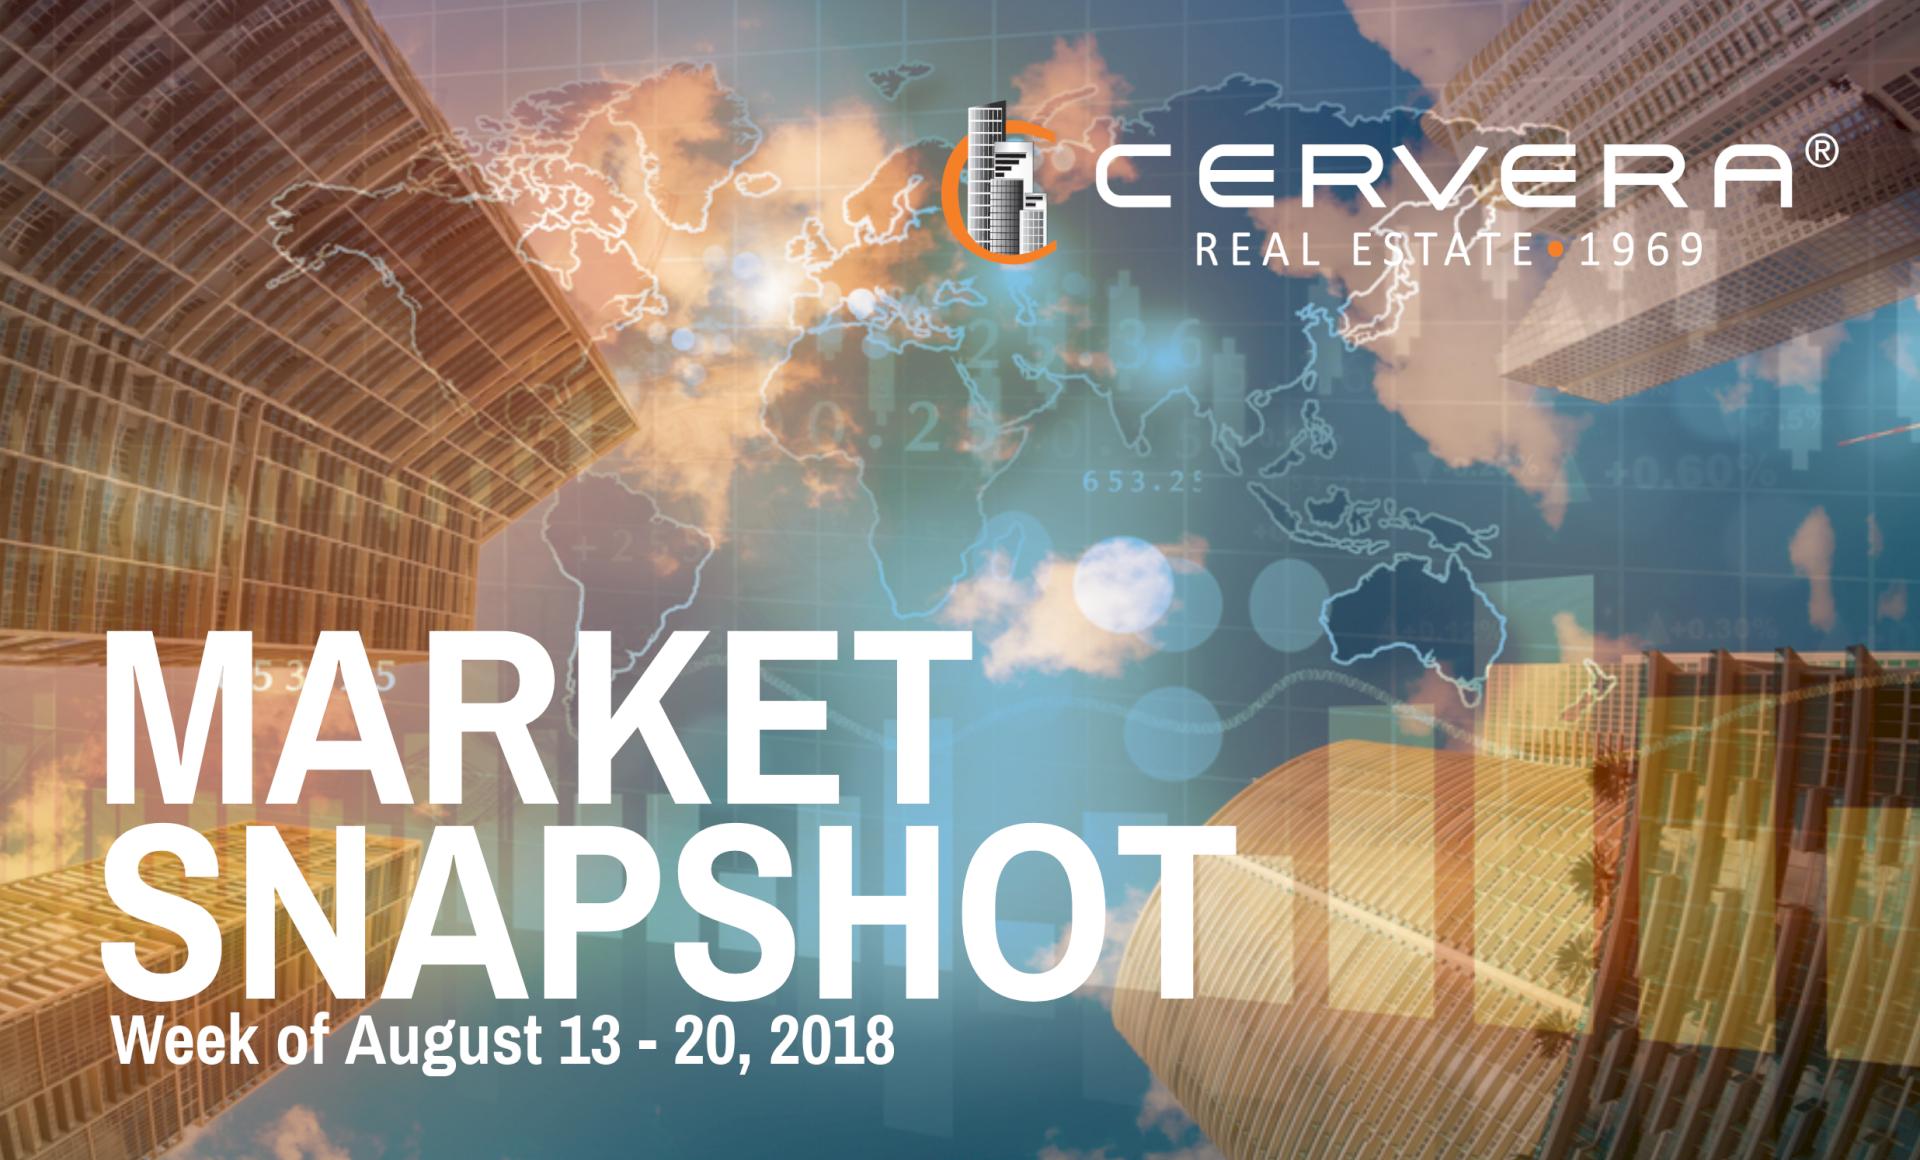 Market Snapshot: Week of Aug. 13 - 20